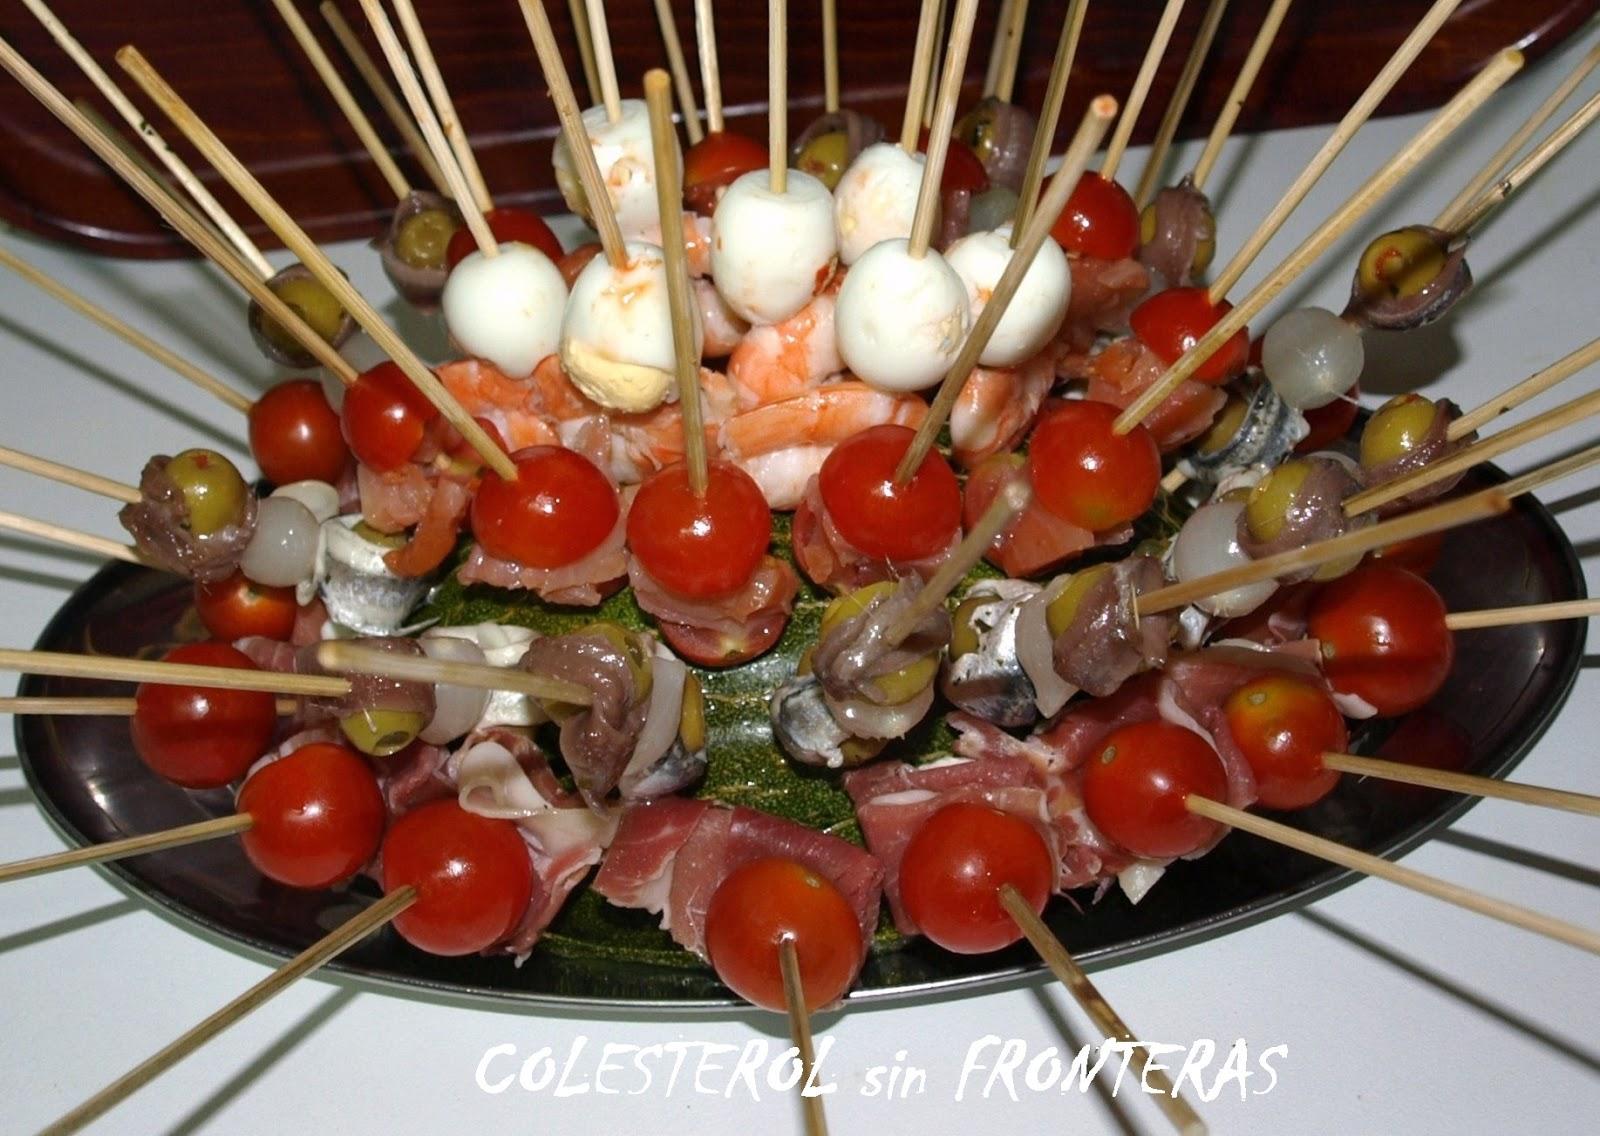 Colesterol sin fronteras ideas para una cena fria for Cena facil para amigos